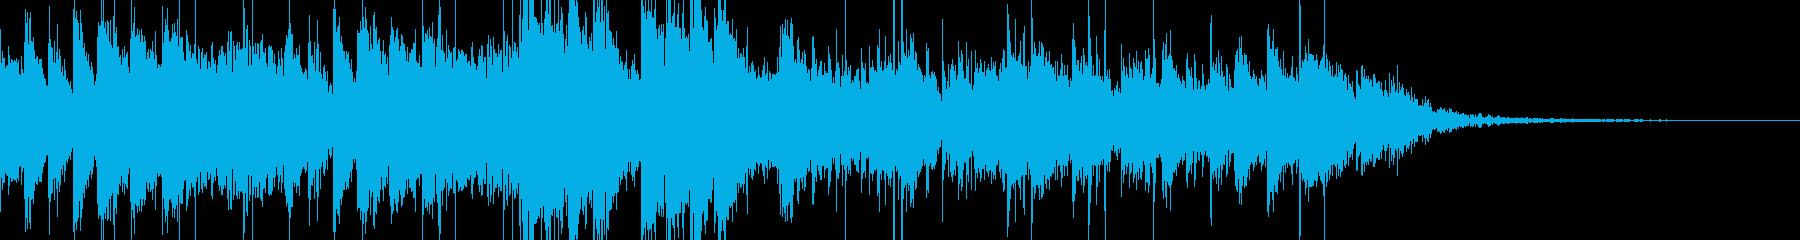 アップテンポなフュージョンジングルの再生済みの波形